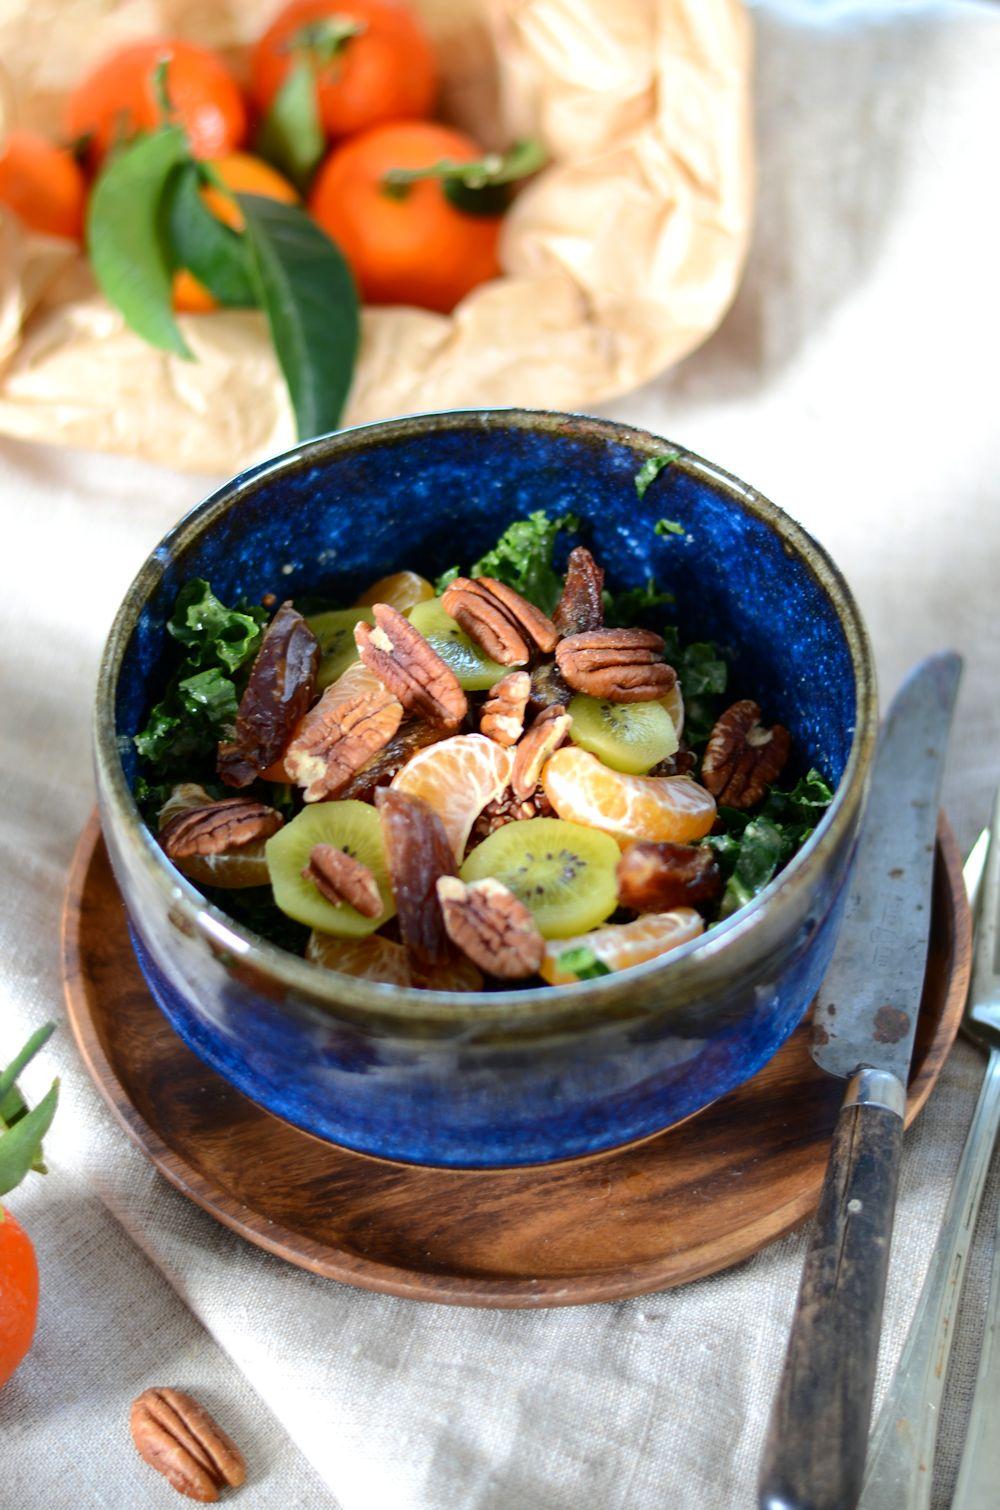 Salade de chou kale, quinoa, noix de pécan et fruits